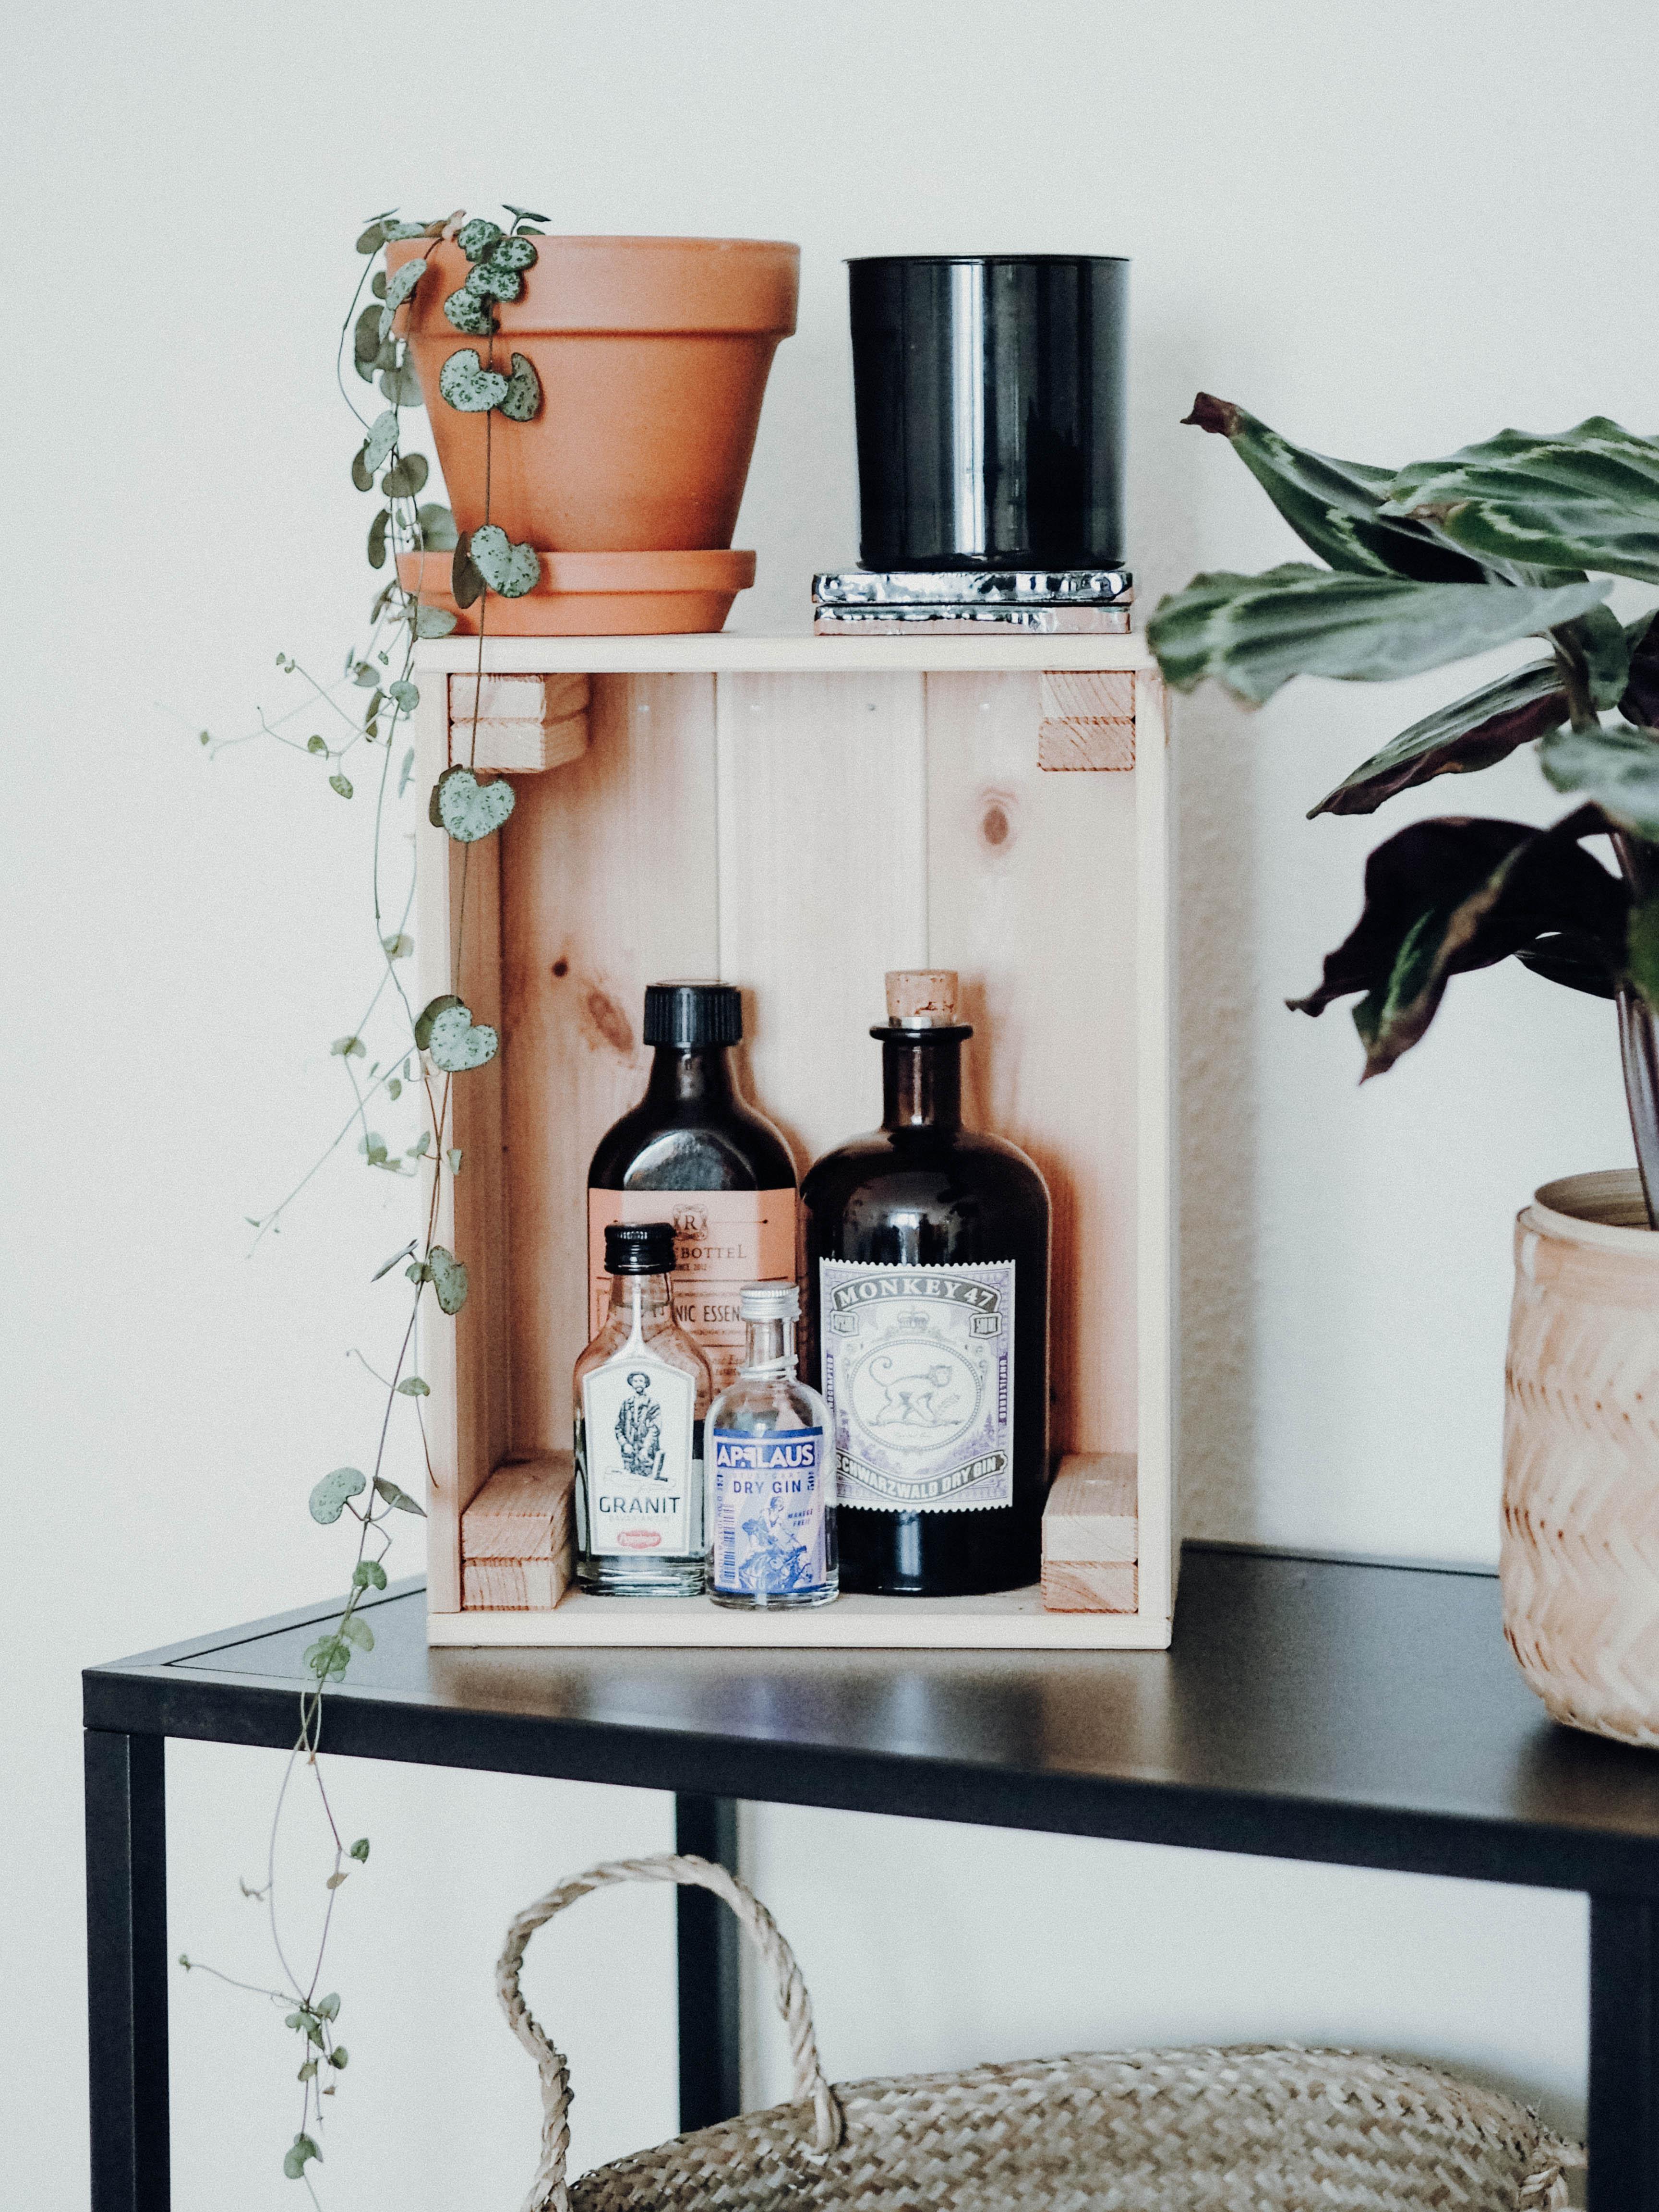 Wohnzimmer-Deko-Ideen: Mach es dir gemütlich!